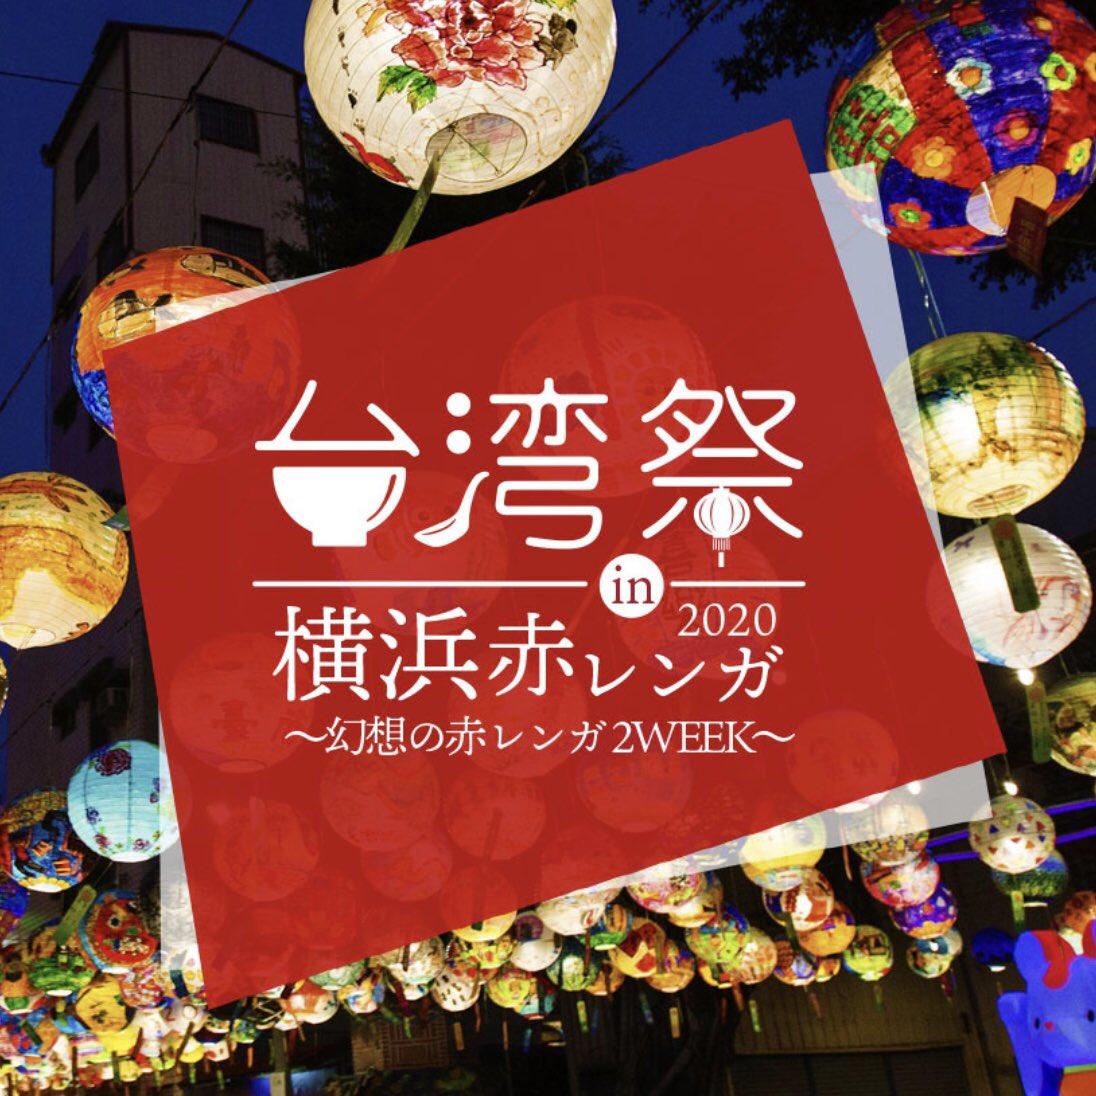 祭 赤レンガ 横浜 台湾 in